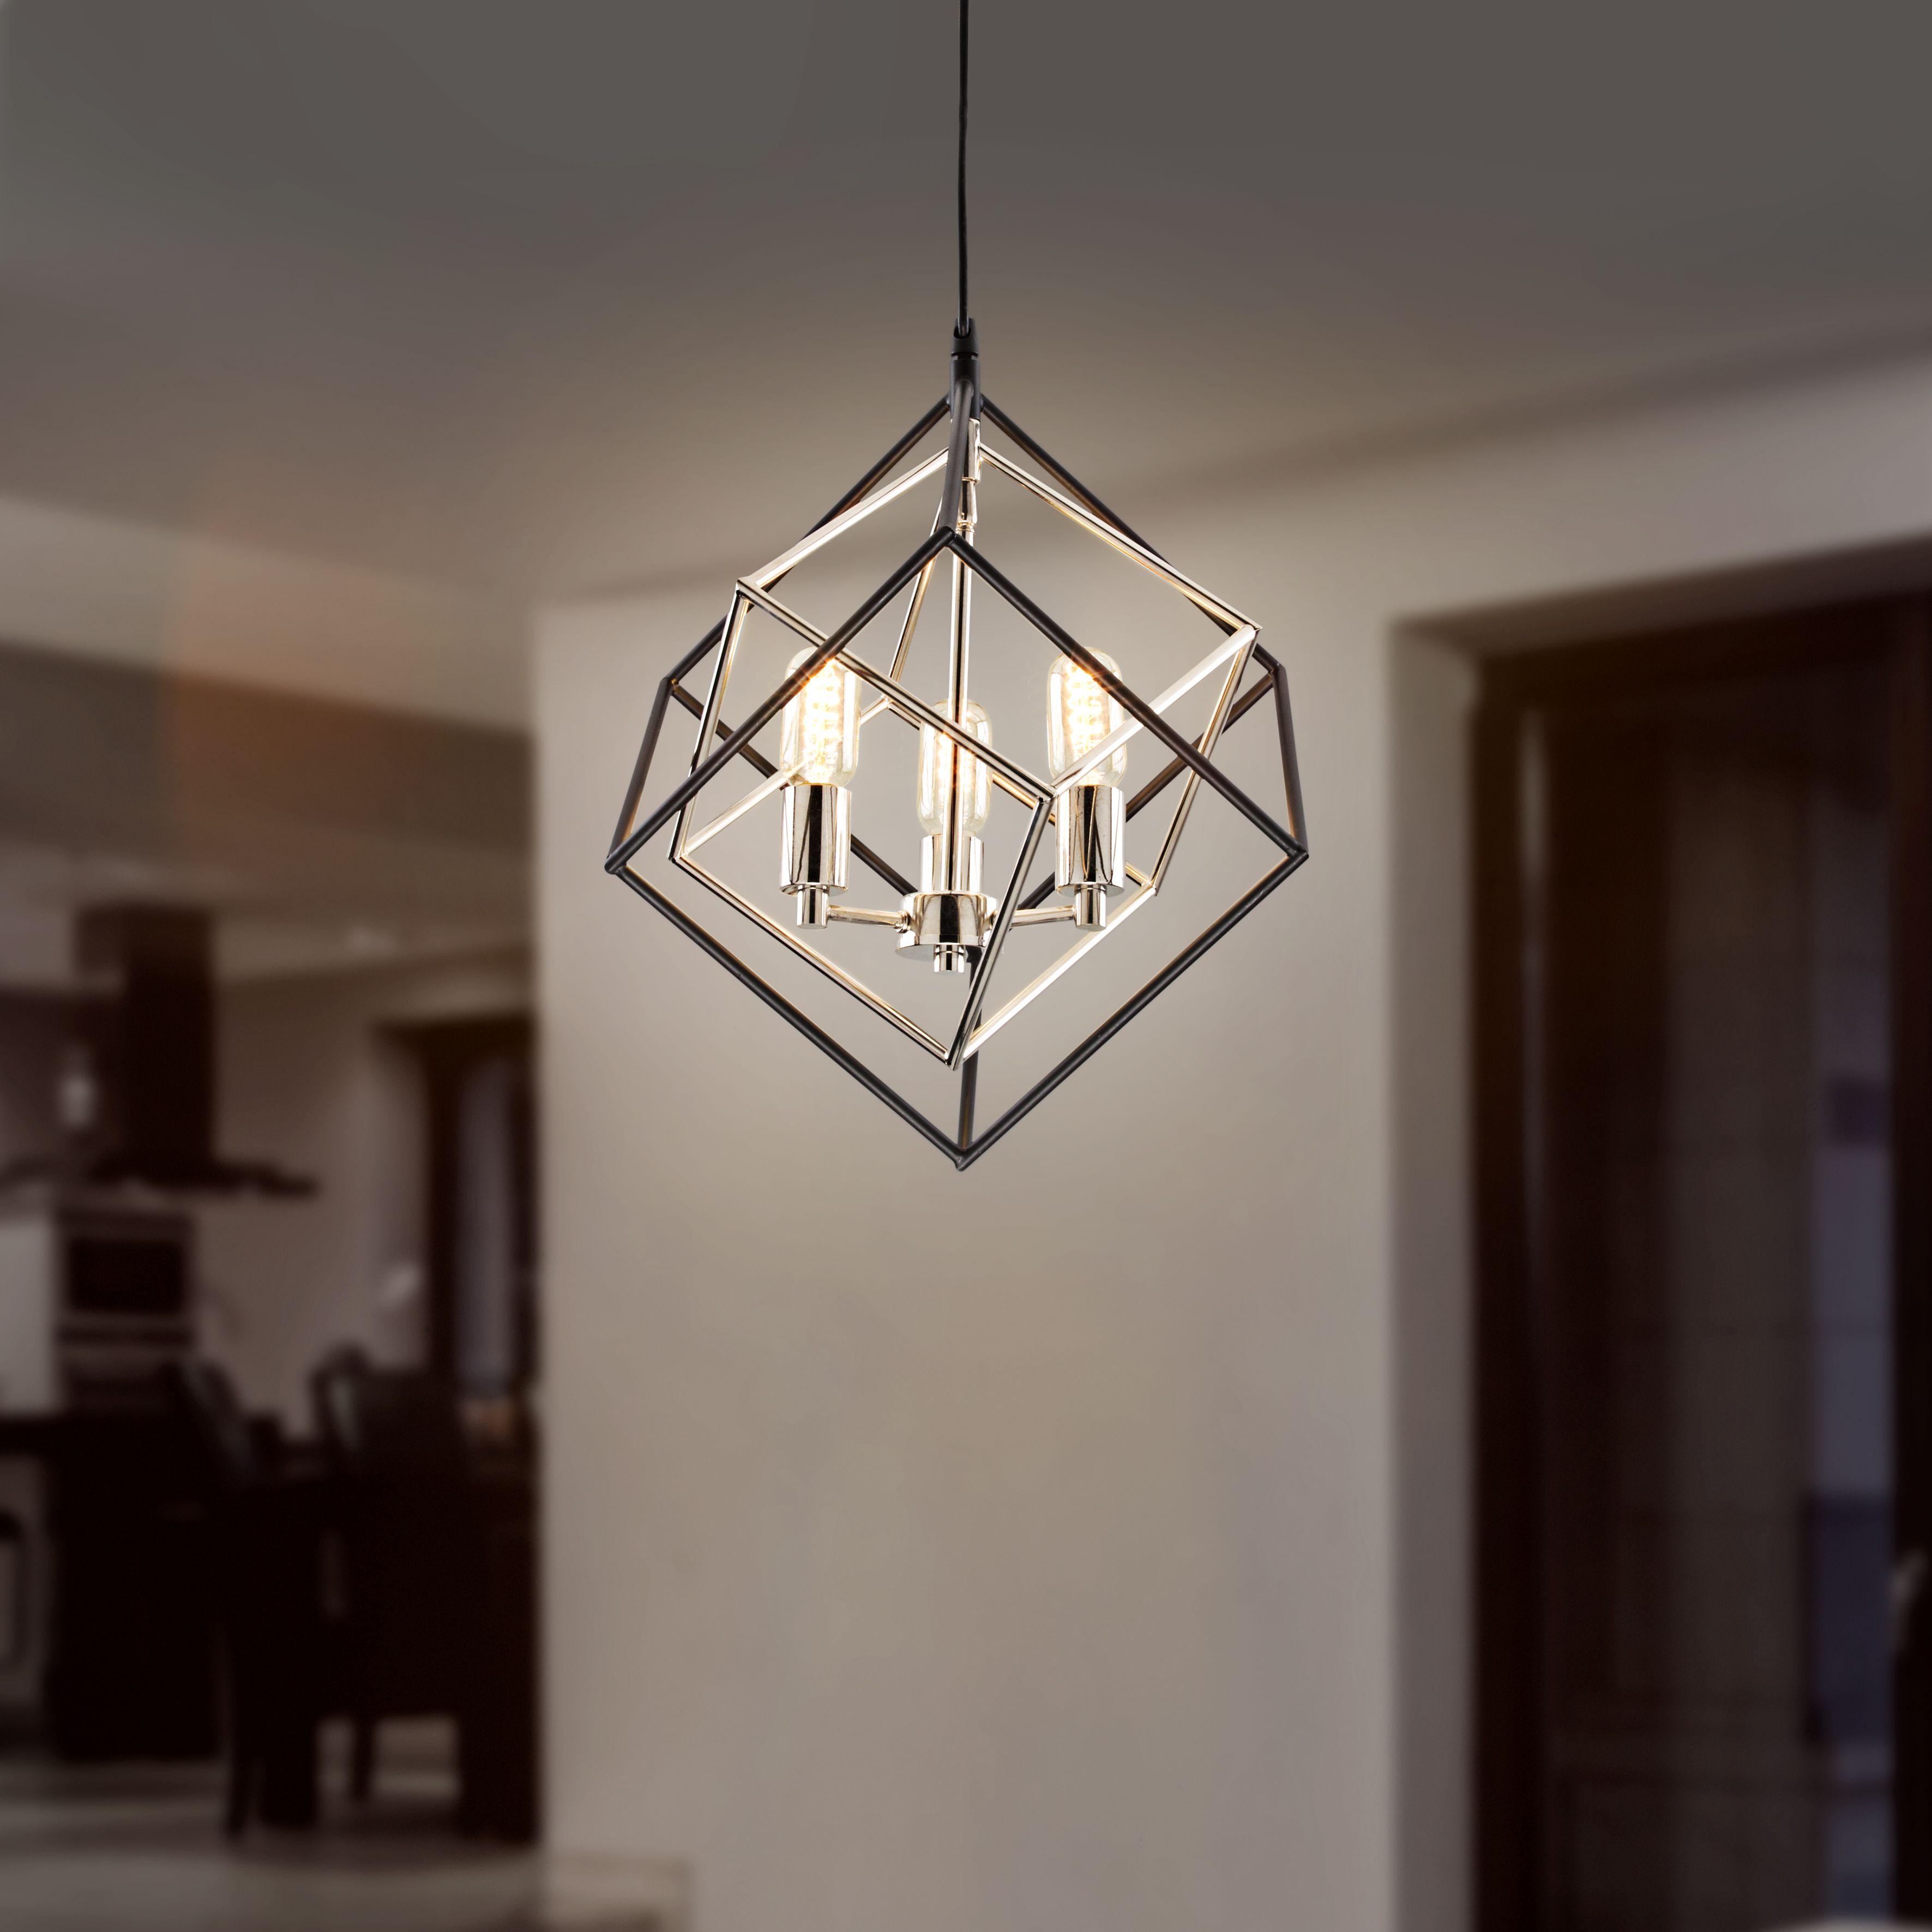 Lampara Colgante Moderna Perfecta Para Interiores Lamparas Para Sala Candiles Modernos Decoracion De Salas